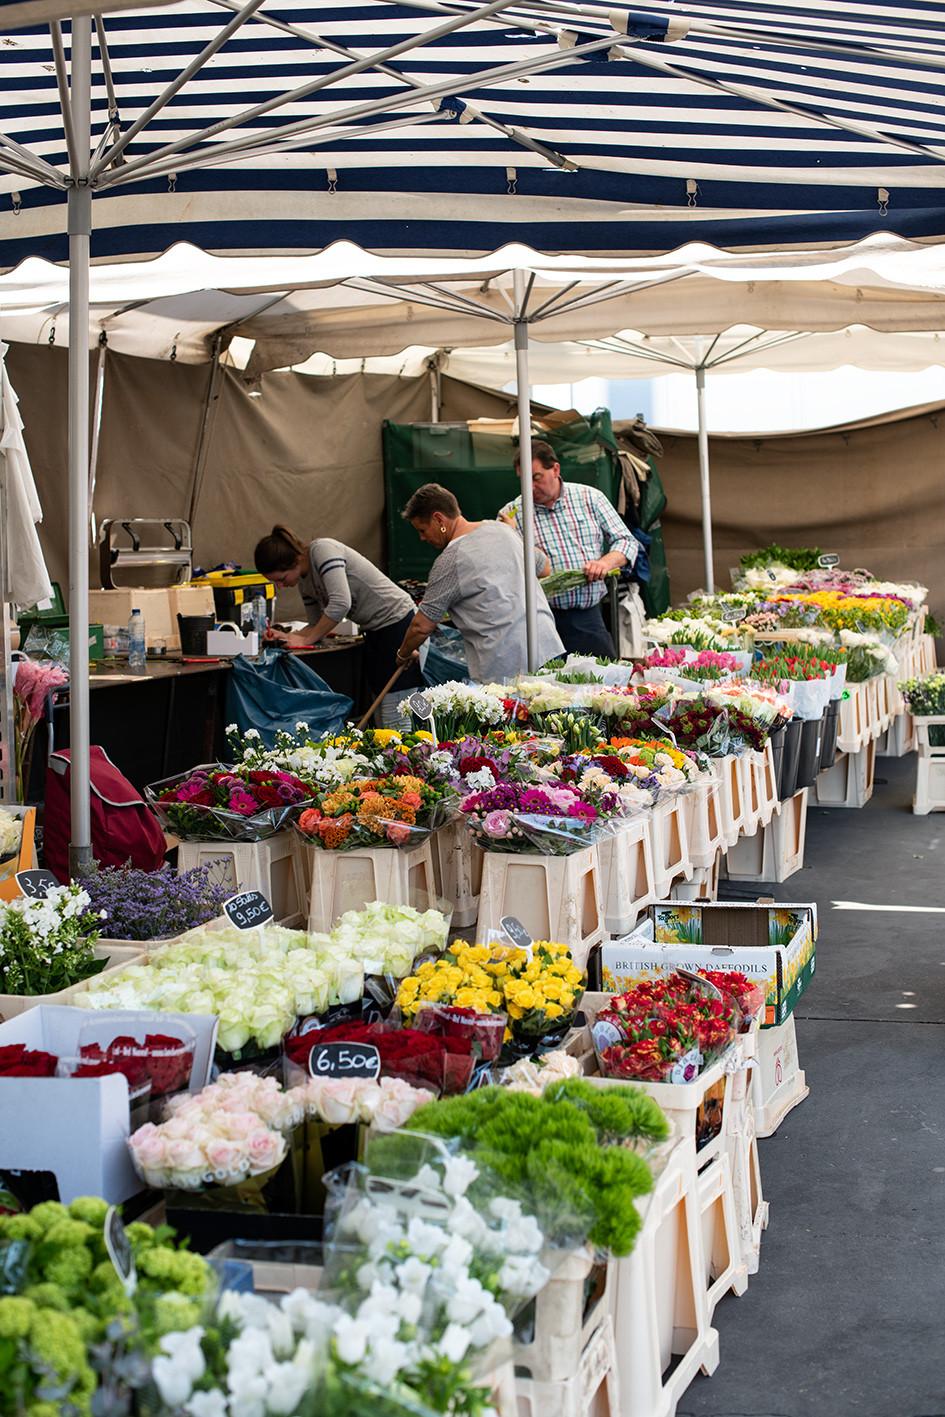 Blumen auf dem exotischen Markt Antwerpen